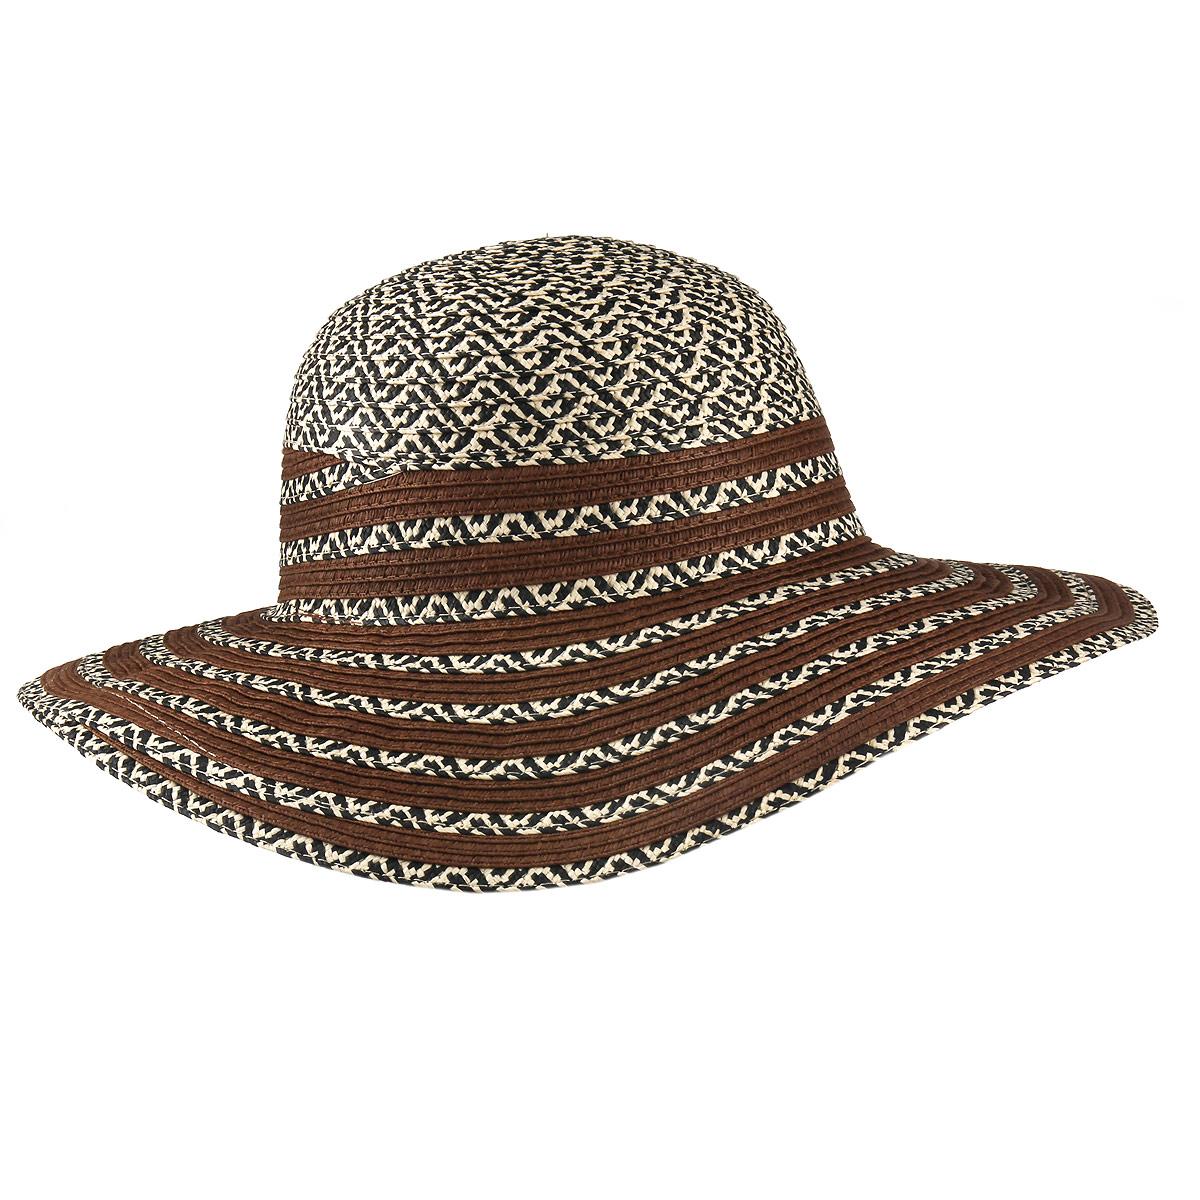 1966334Летняя женская шляпа Canoe Stylish, выполненная из искусственной соломы, станет незаменимым аксессуаром для пляжа и отдыха на природе. Широкие поля шляпы надежно защищают от солнечных лучей. Шляпа оформлена стильным африканским орнаментом. Плетение шляпы обеспечивает необходимую вентиляцию и комфорт даже в самый знойный день. Шляпа легко восстанавливает свою форму после сжатия. Стильная шляпа с элегантными волнистыми полями подчеркнет вашу неповторимость и дополнит ваш повседневный образ.